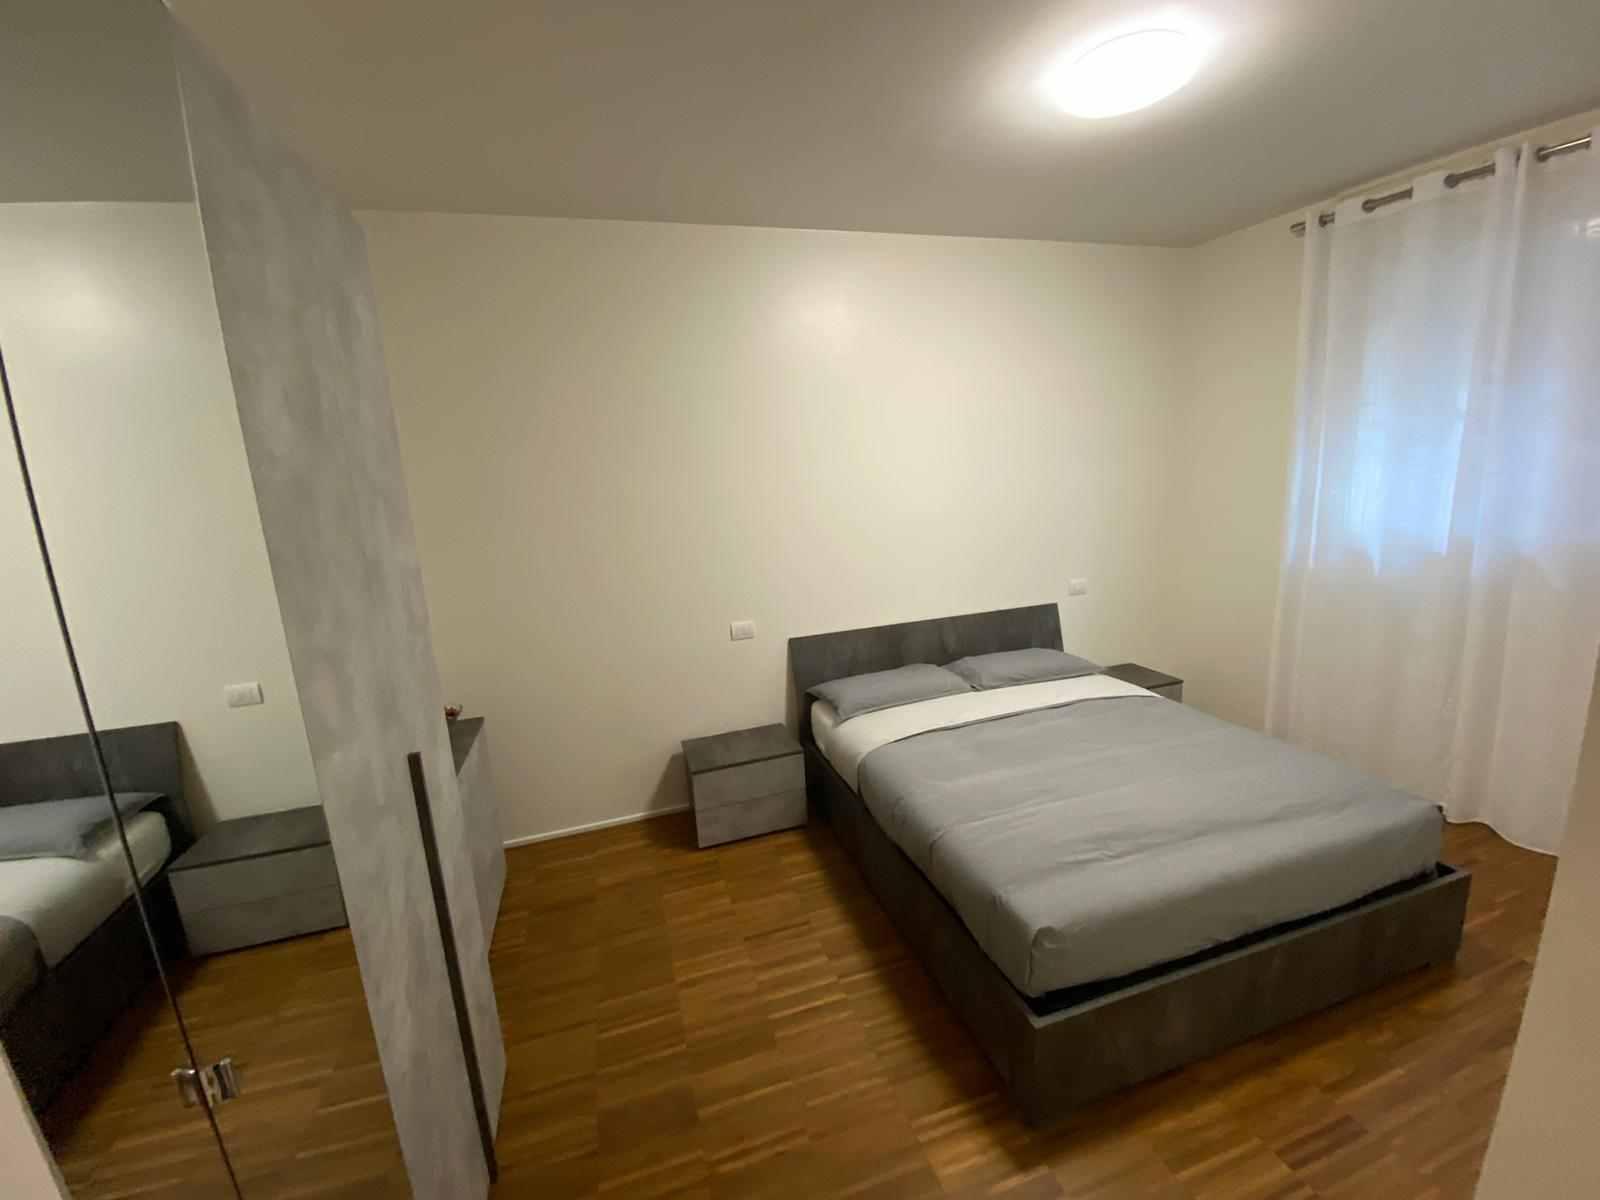 Appartamento-in-vendita-3-tre-locali-terrazzo-giardino-nuova-costruzione-spaziourbano-immobiliare-vende-milano-12